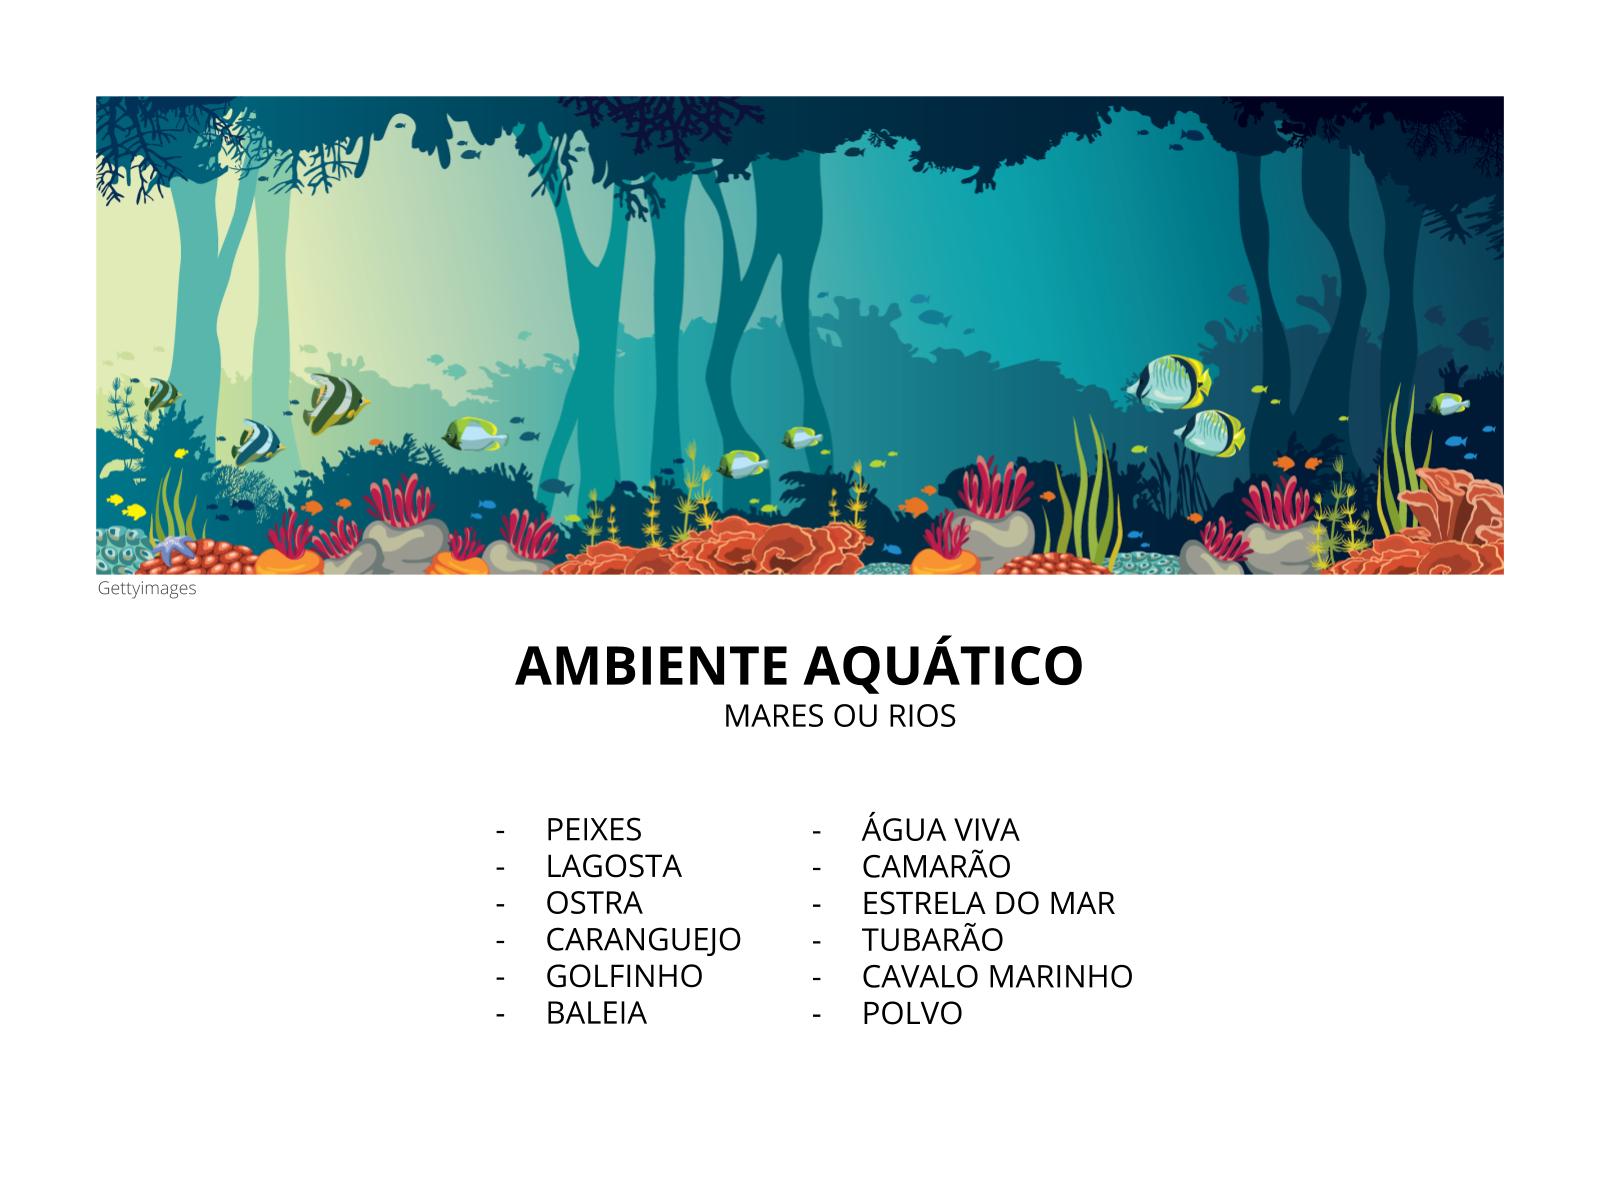 Animais aquáticos